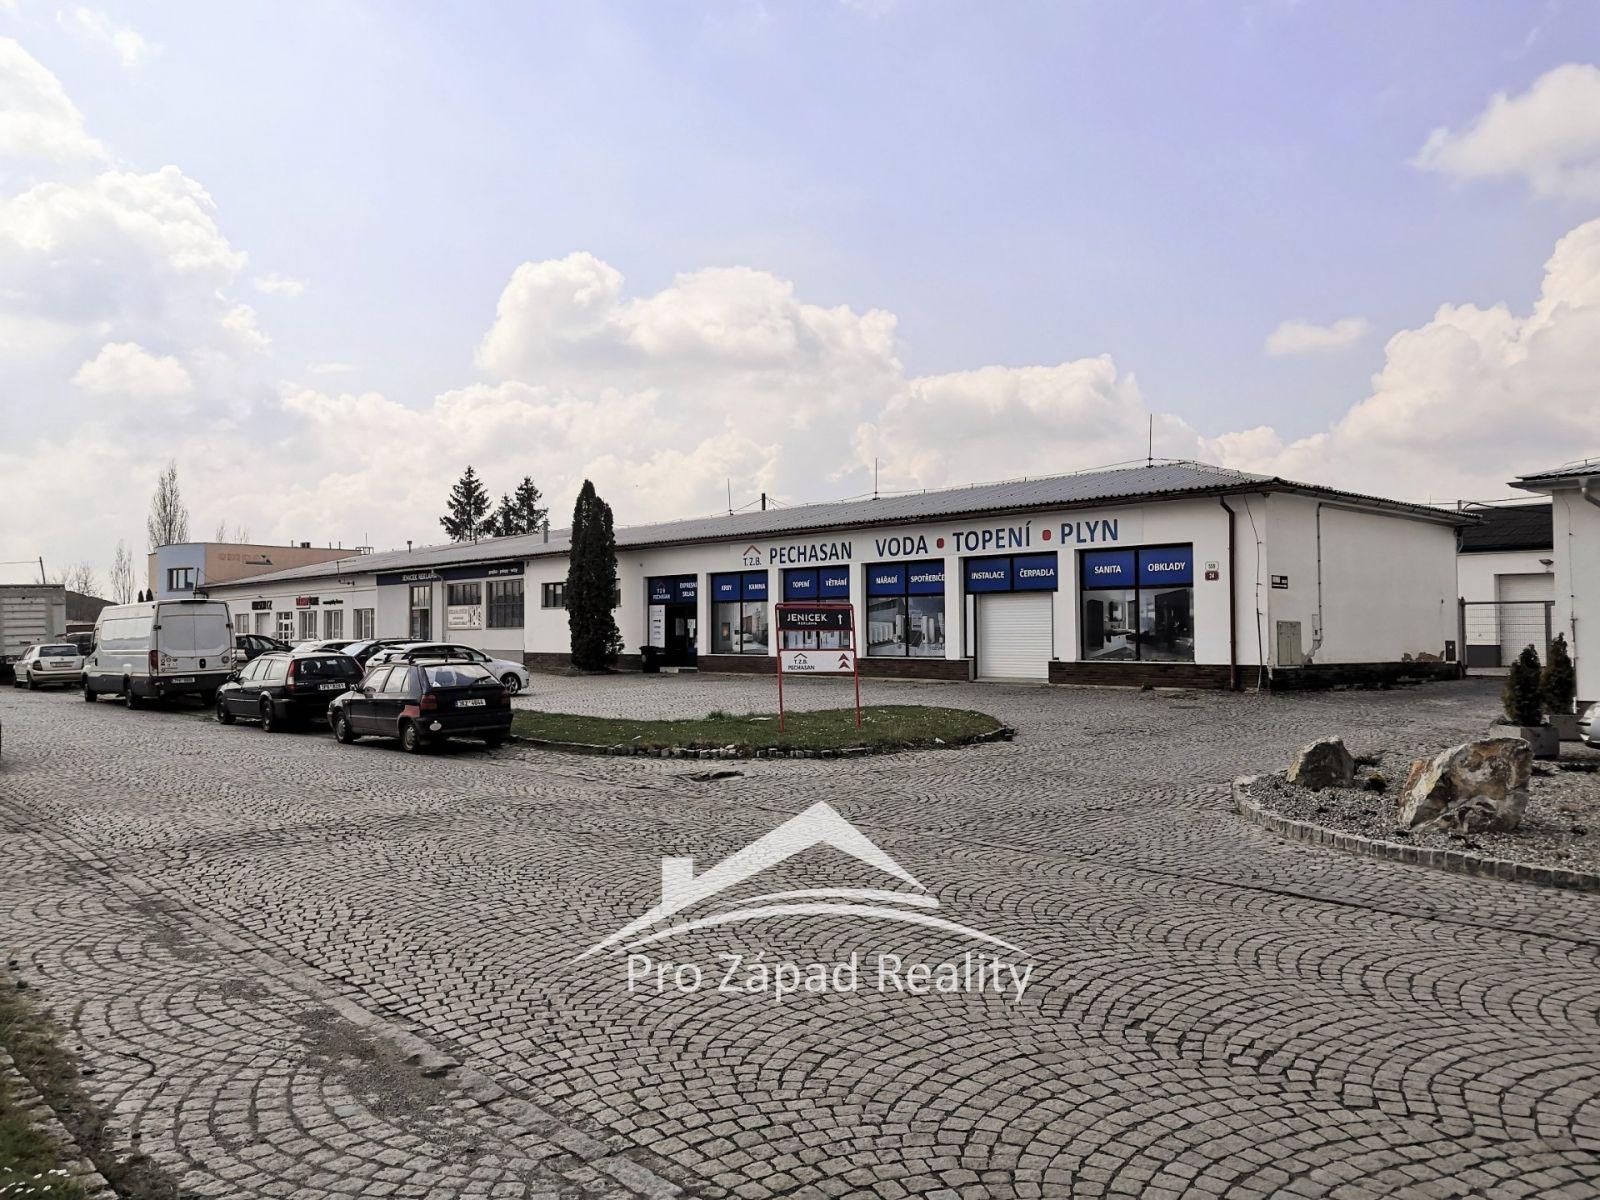 Pronájem skladové nebo výrobní plochy 297m2 - Plzeň - Koterov